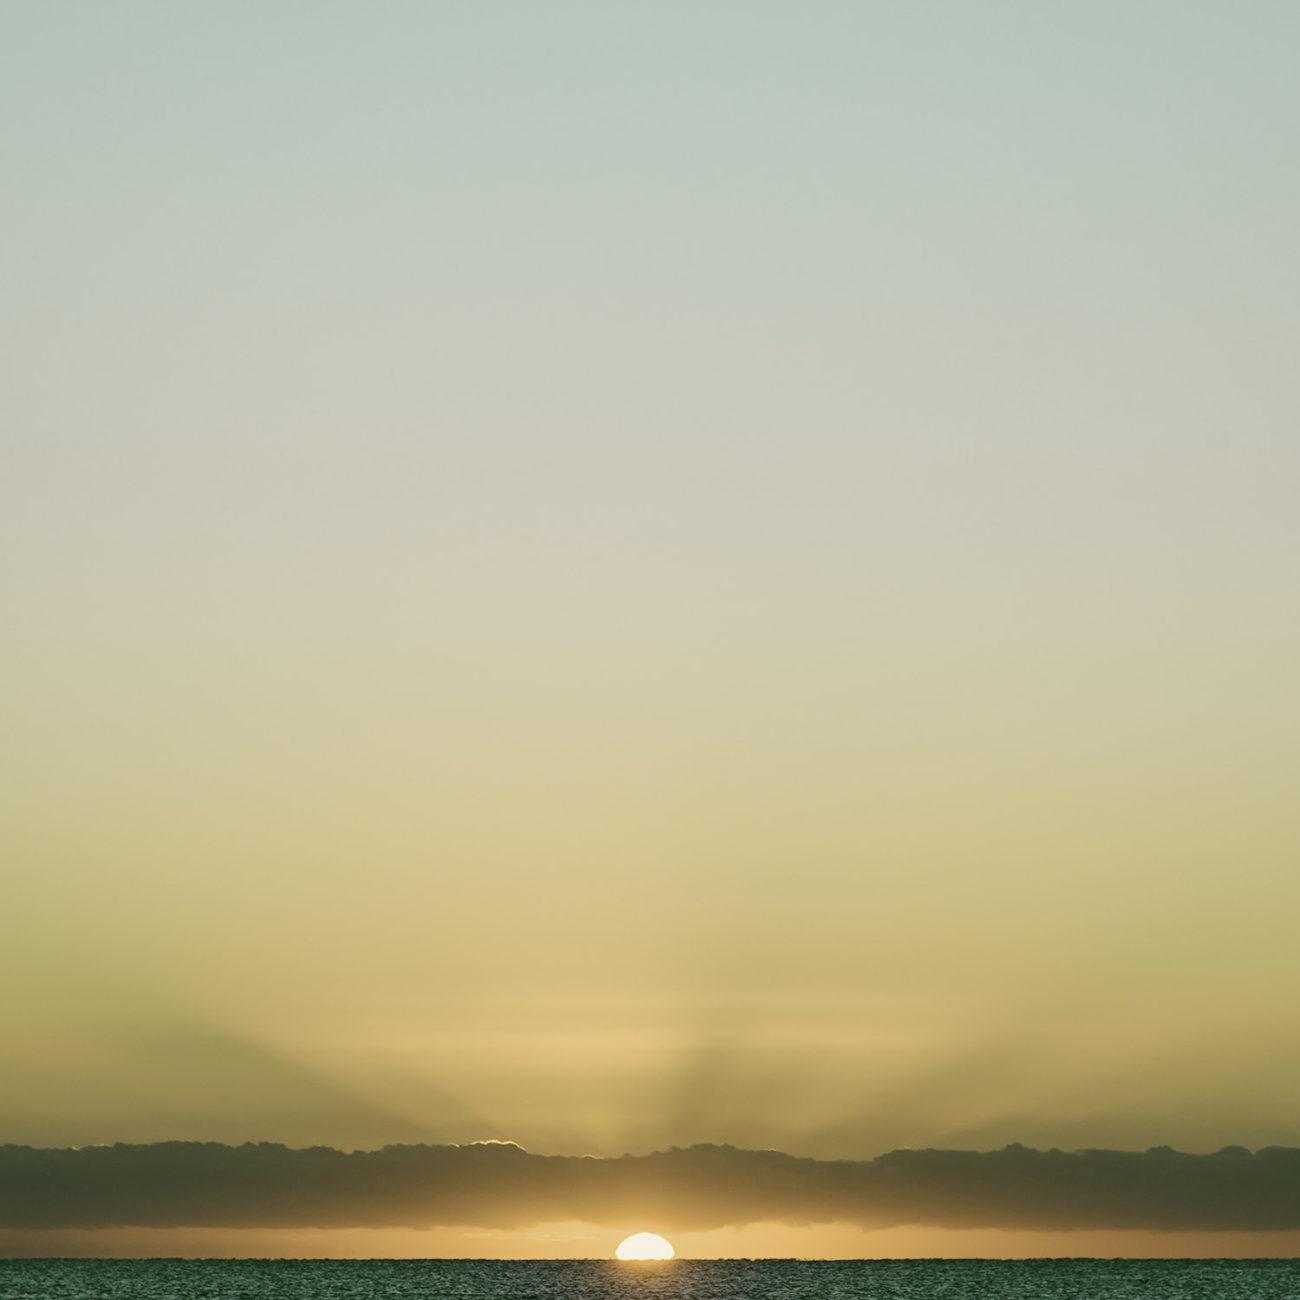 First light, Atlantic Ocean, 2017